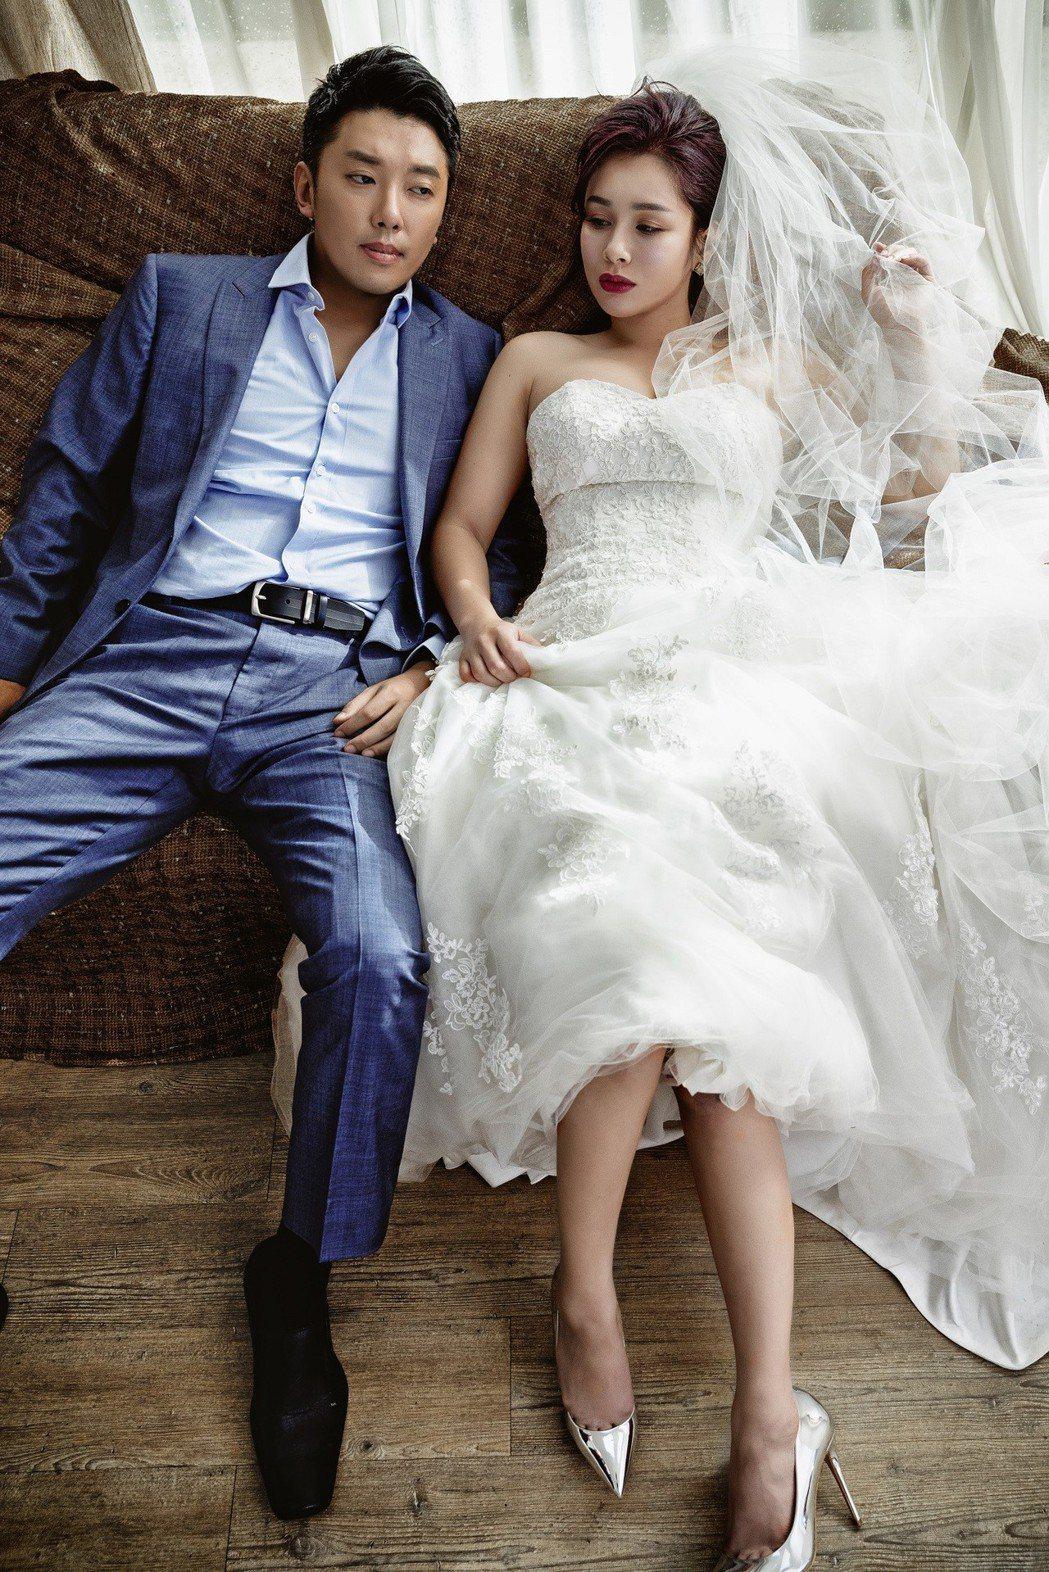 段鈞豪和交往一年多的阿美族女神Gina結婚。圖/逆光電影提供